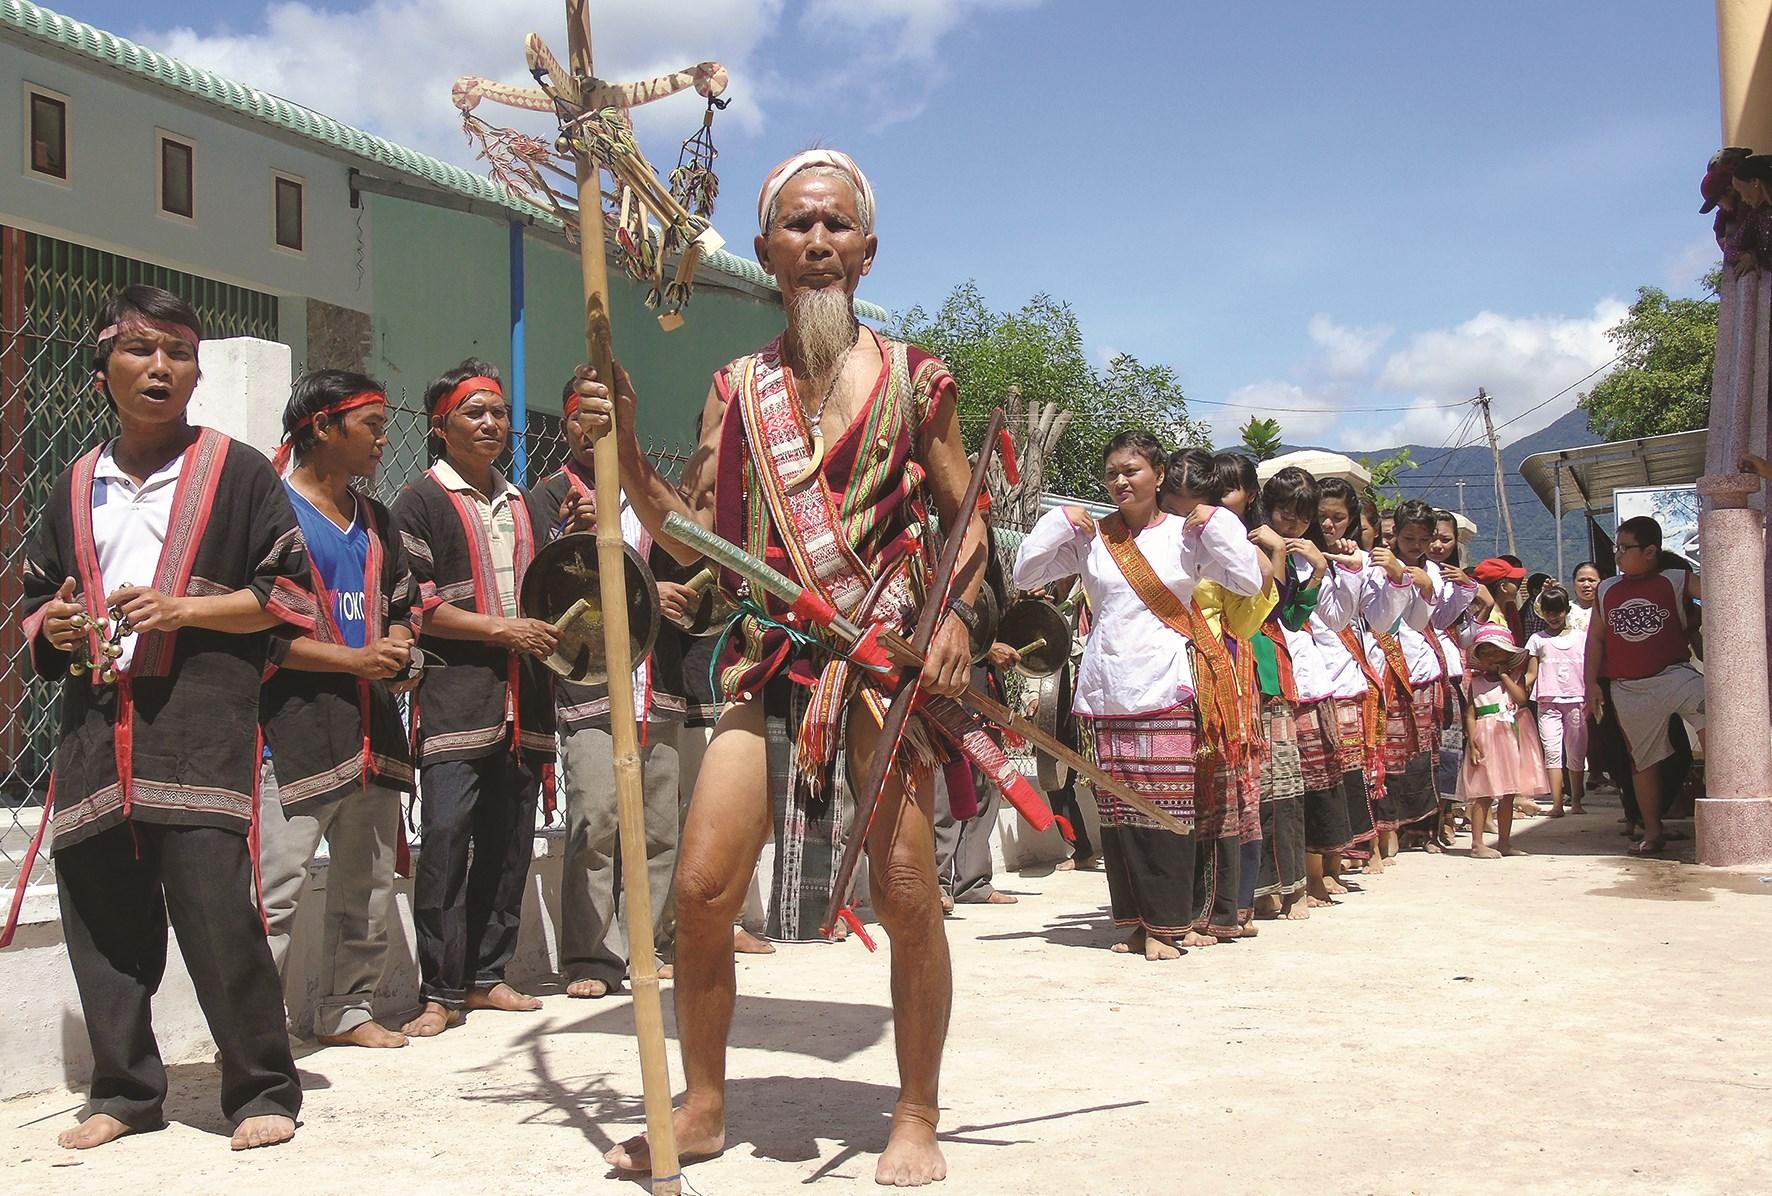 Già làng Lê Văn Ru (người cầm cây nêu) là một trong số ít những người am hiểu trống kơ-toang và văn hóa truyền thống của người Chăm H'roi huyện Vân Canh